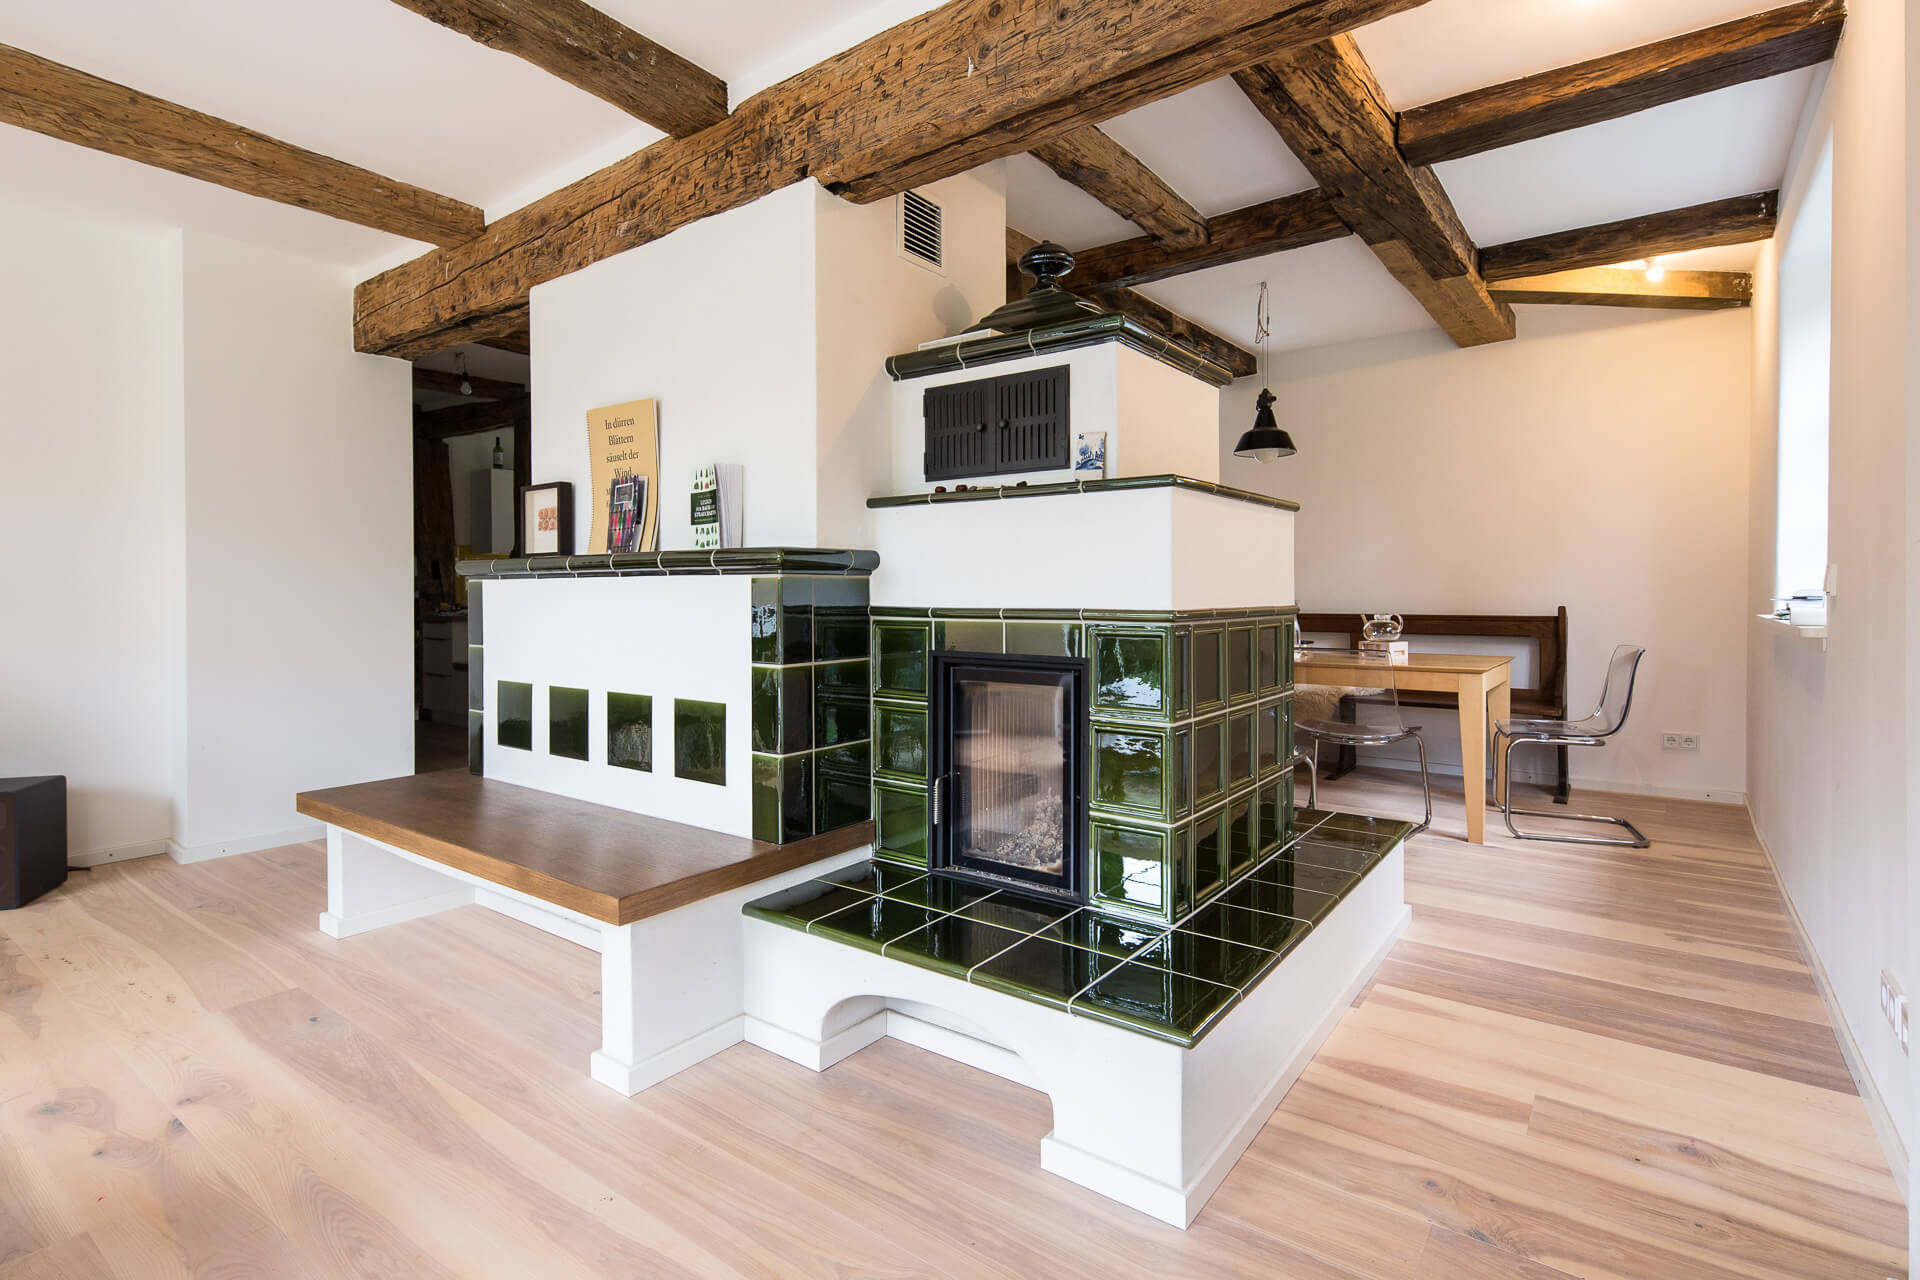 fachwerk wohnzimmer modern wohnzimmer modern fachwerk. Black Bedroom Furniture Sets. Home Design Ideas